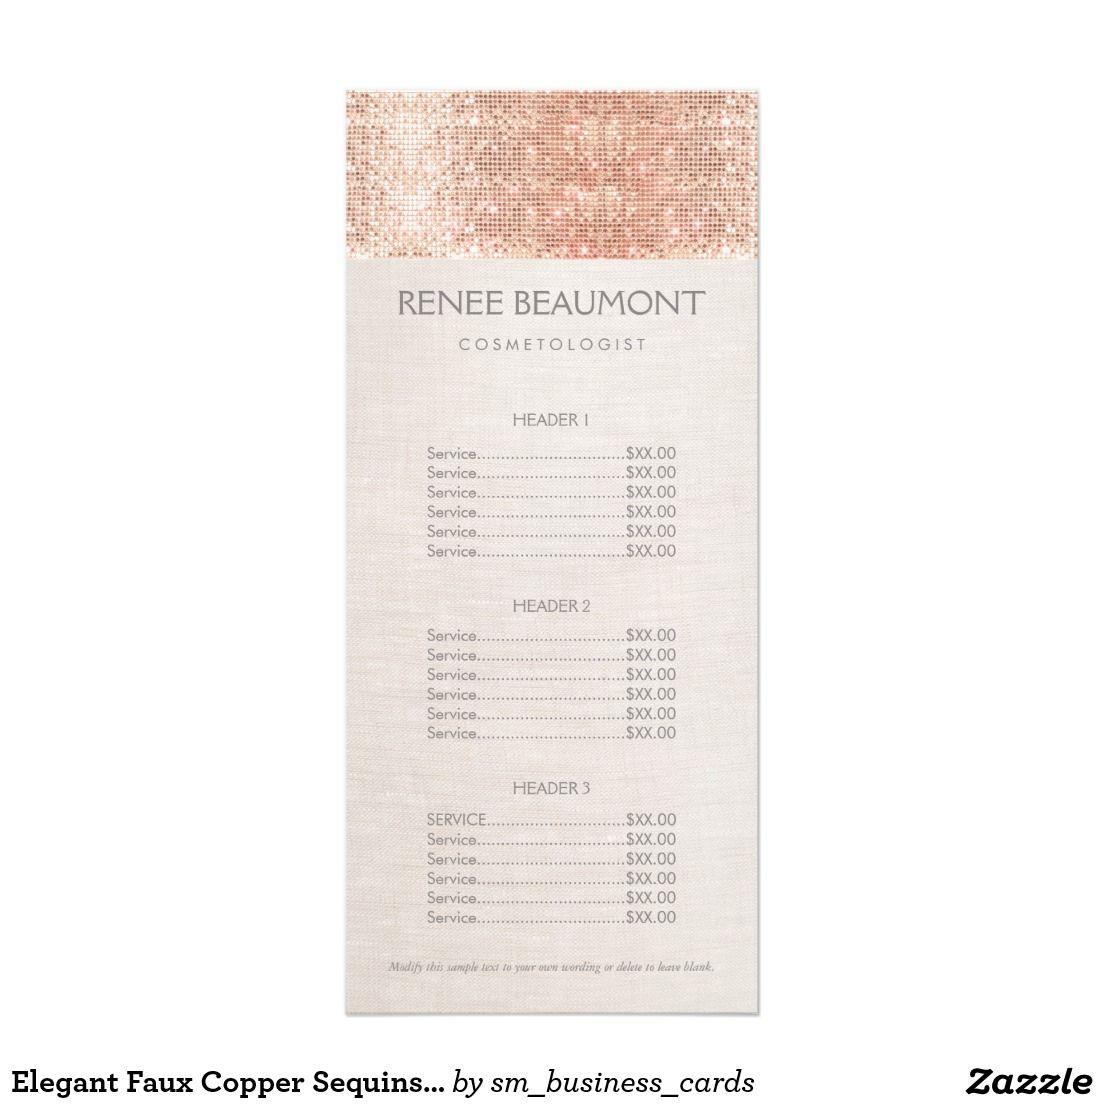 Elegant Faux Copper Sequins Salon Price List Menu   Pinterest ...